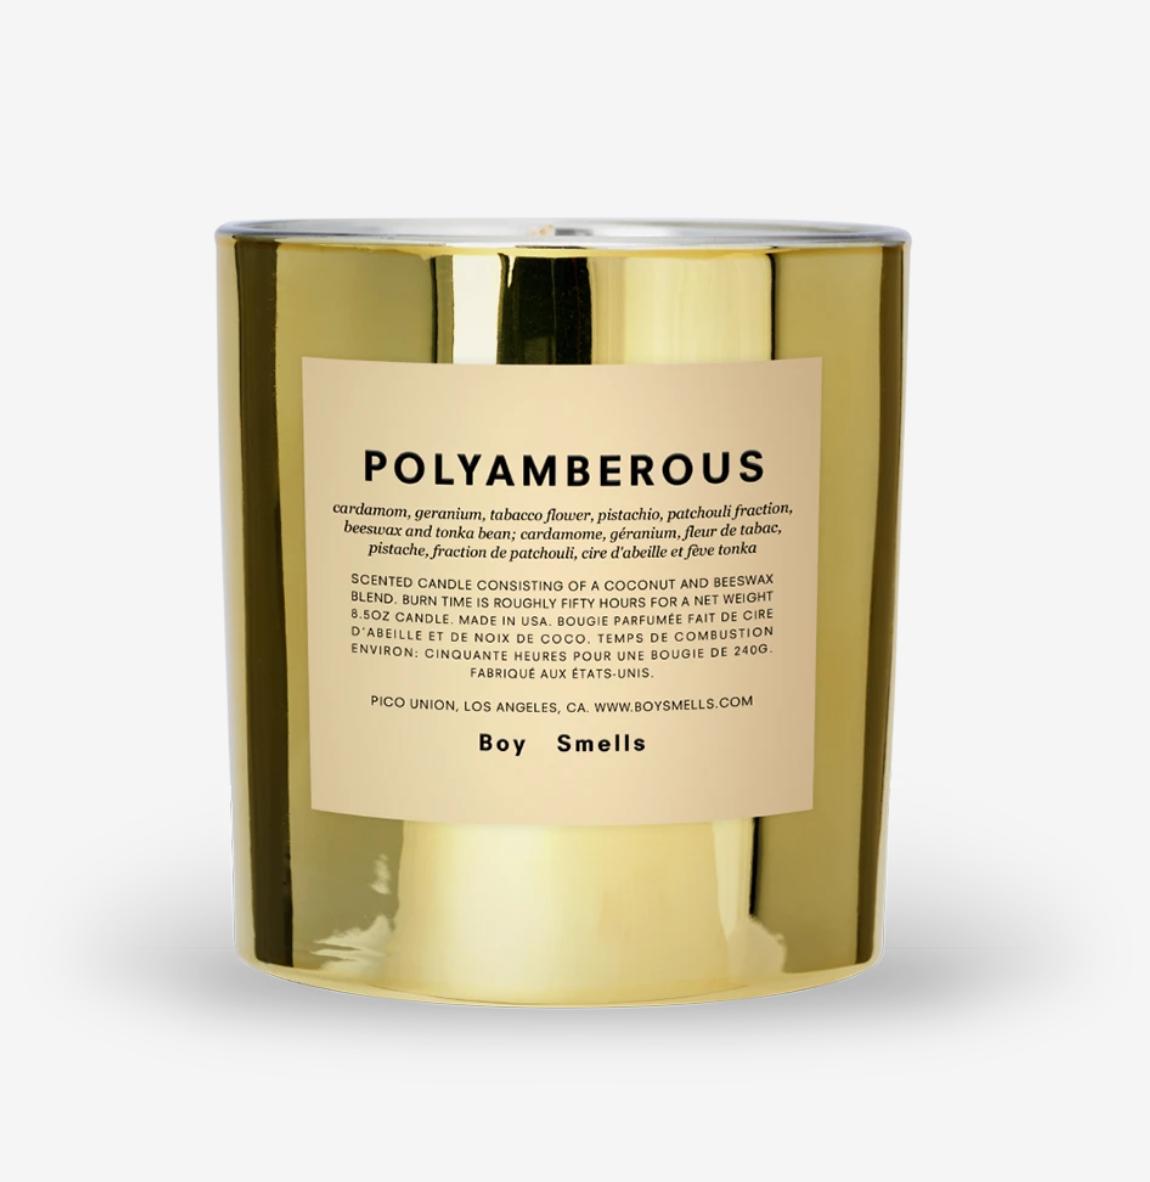 Boy Smells Boy Smells - Polyamberous